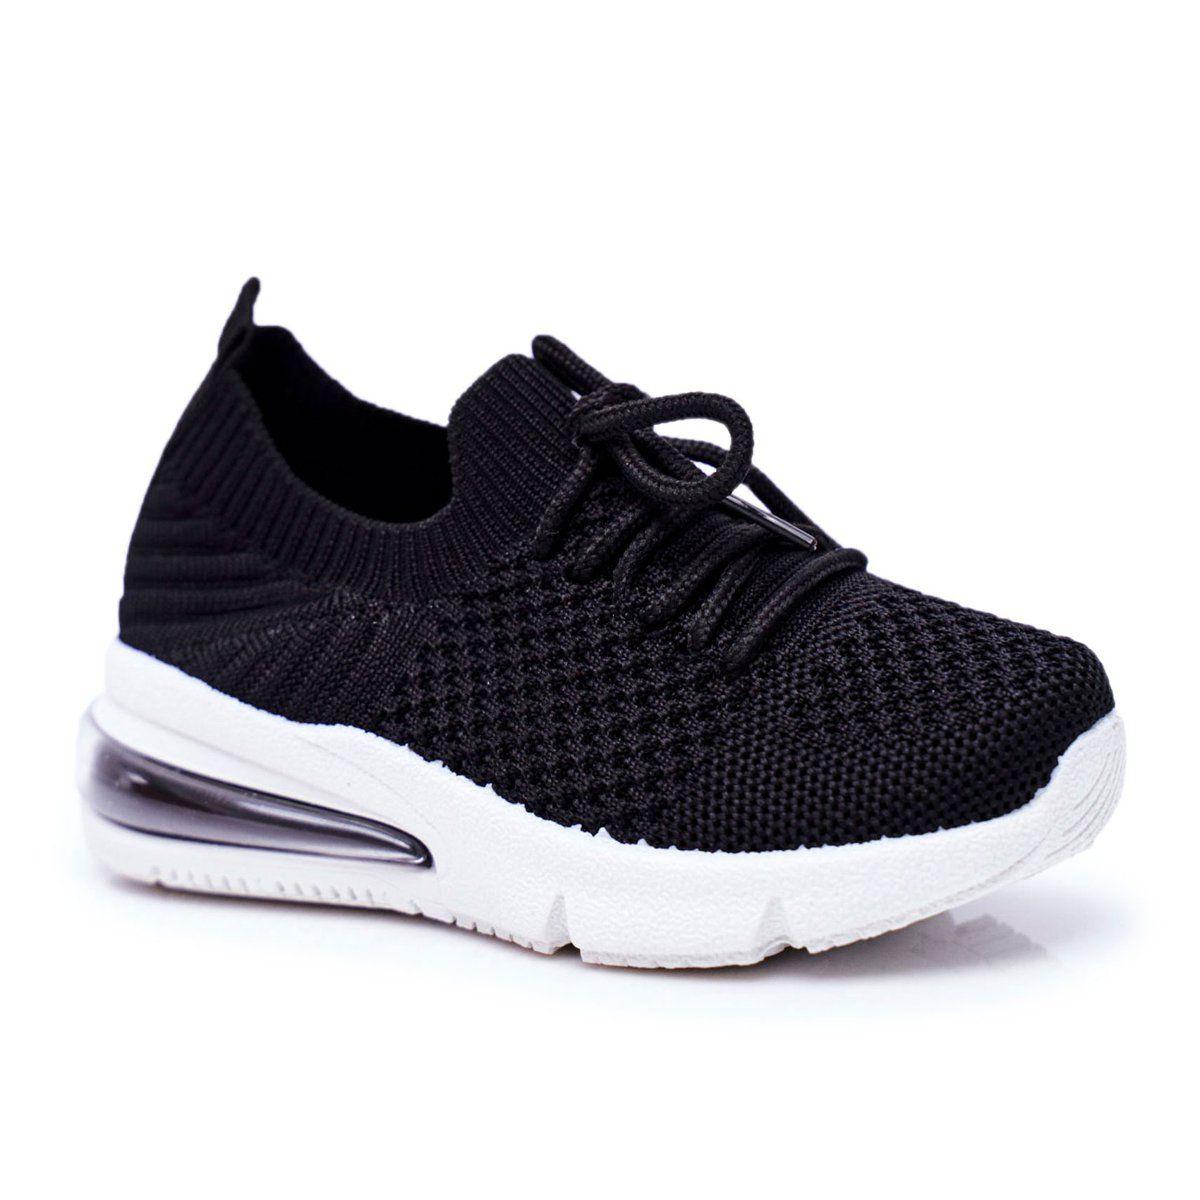 Frrock Obuwie Sportowe Dzieciece Sznurowane Czarne Lena Leather Shoes Woman Girls Shoes Shoes